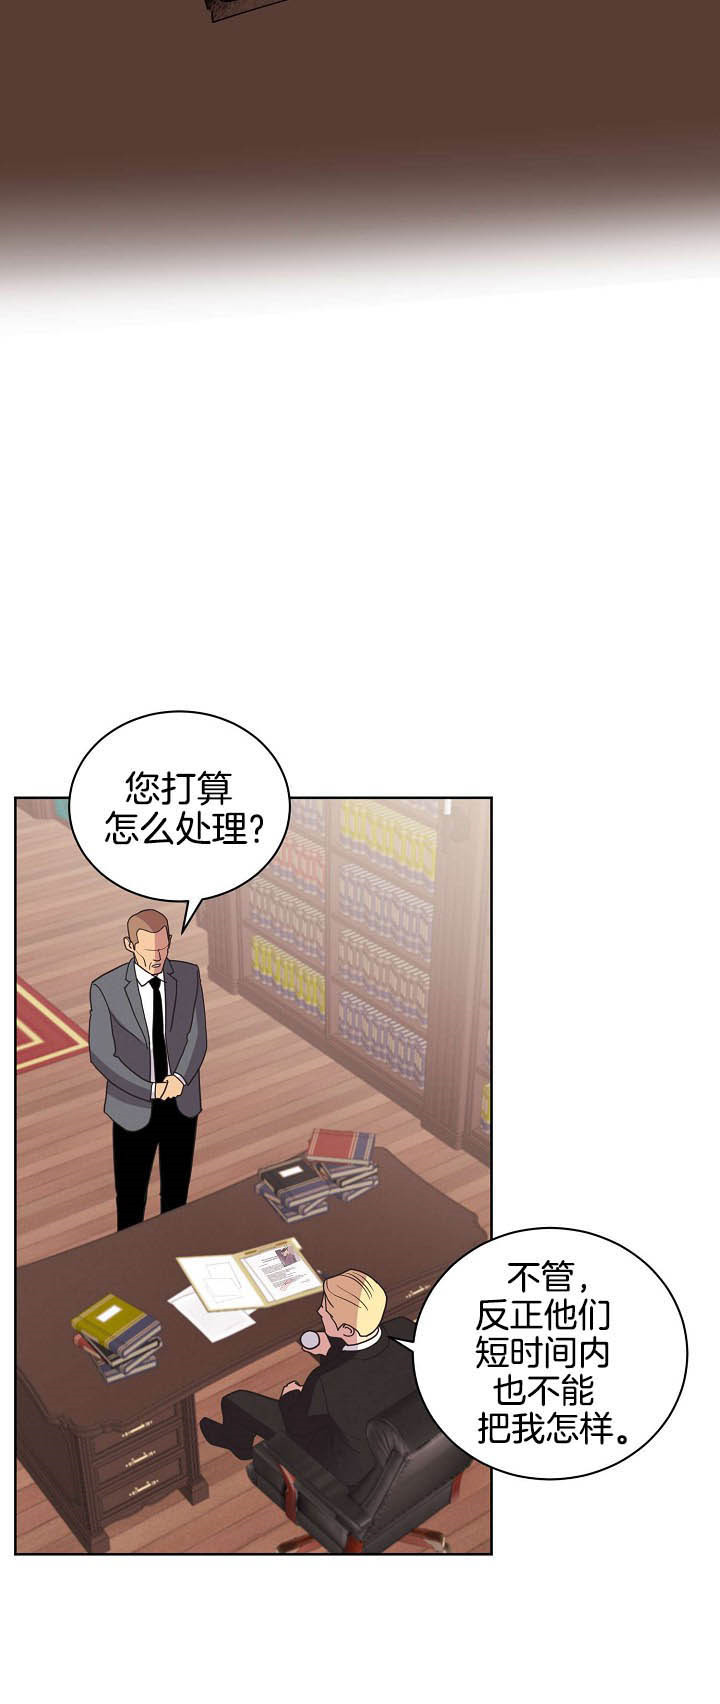 亲爱的本杰明第二季-韩国漫画汉化 完整版在线阅读-啵乐漫画